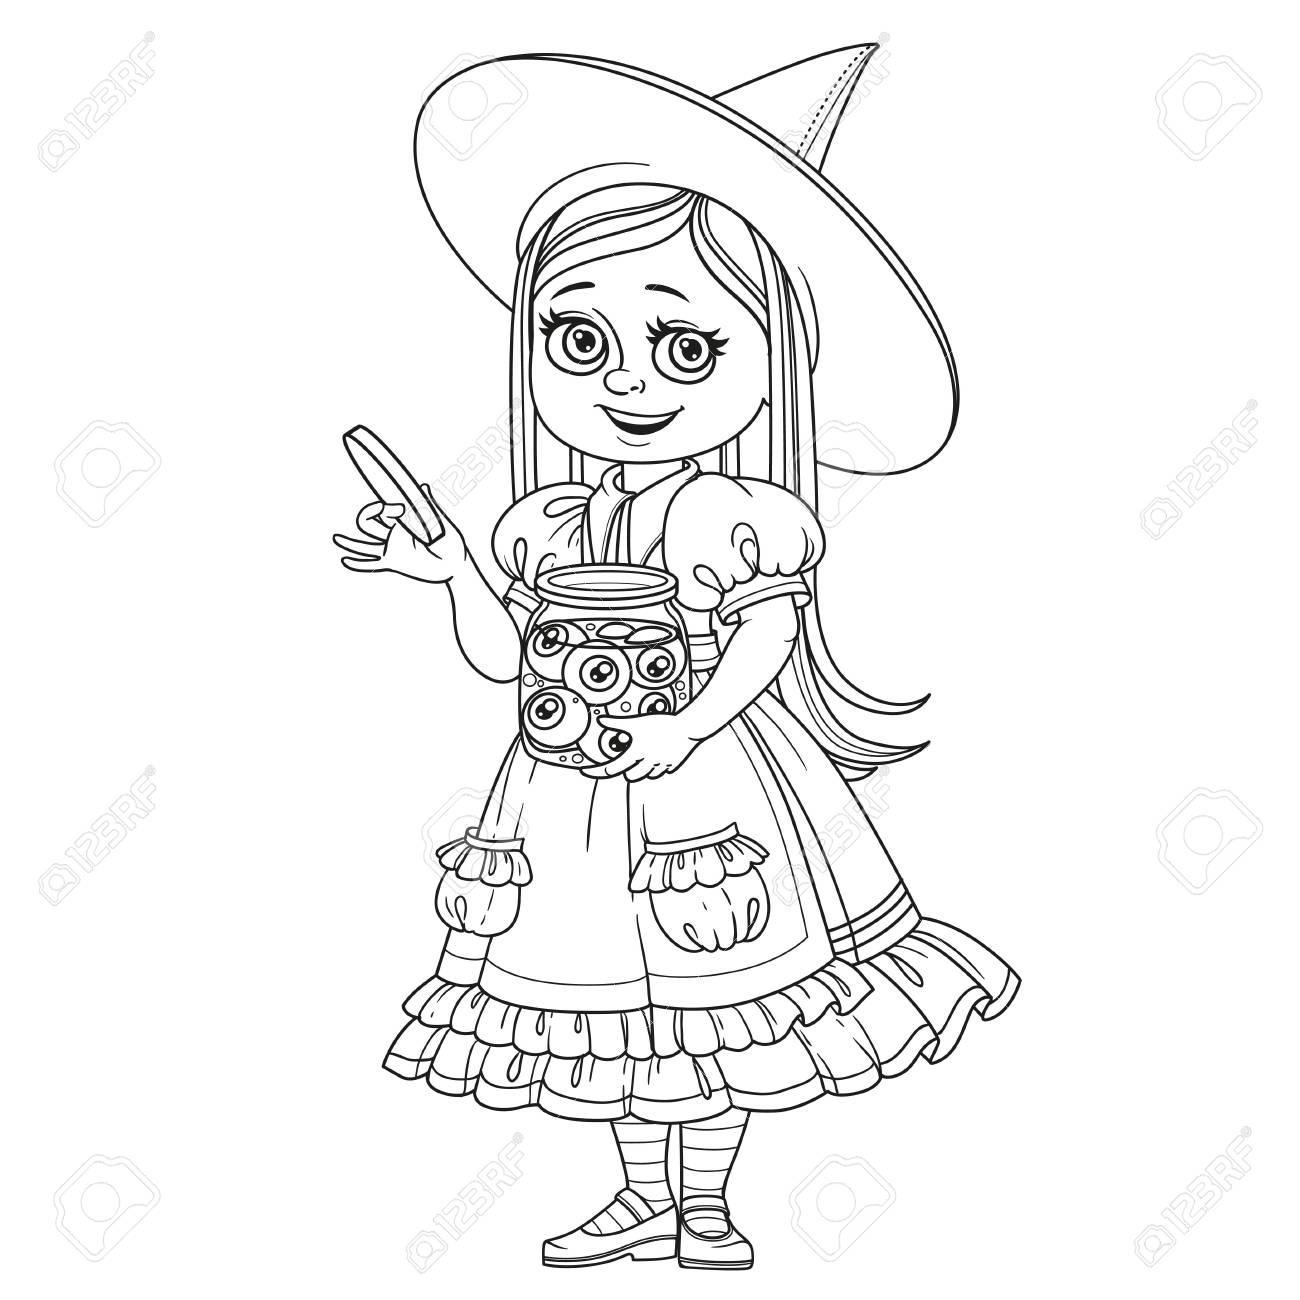 Nettes Mädchen In Hexenkostüm Hält Ein Großes Glas Mit Augen Für